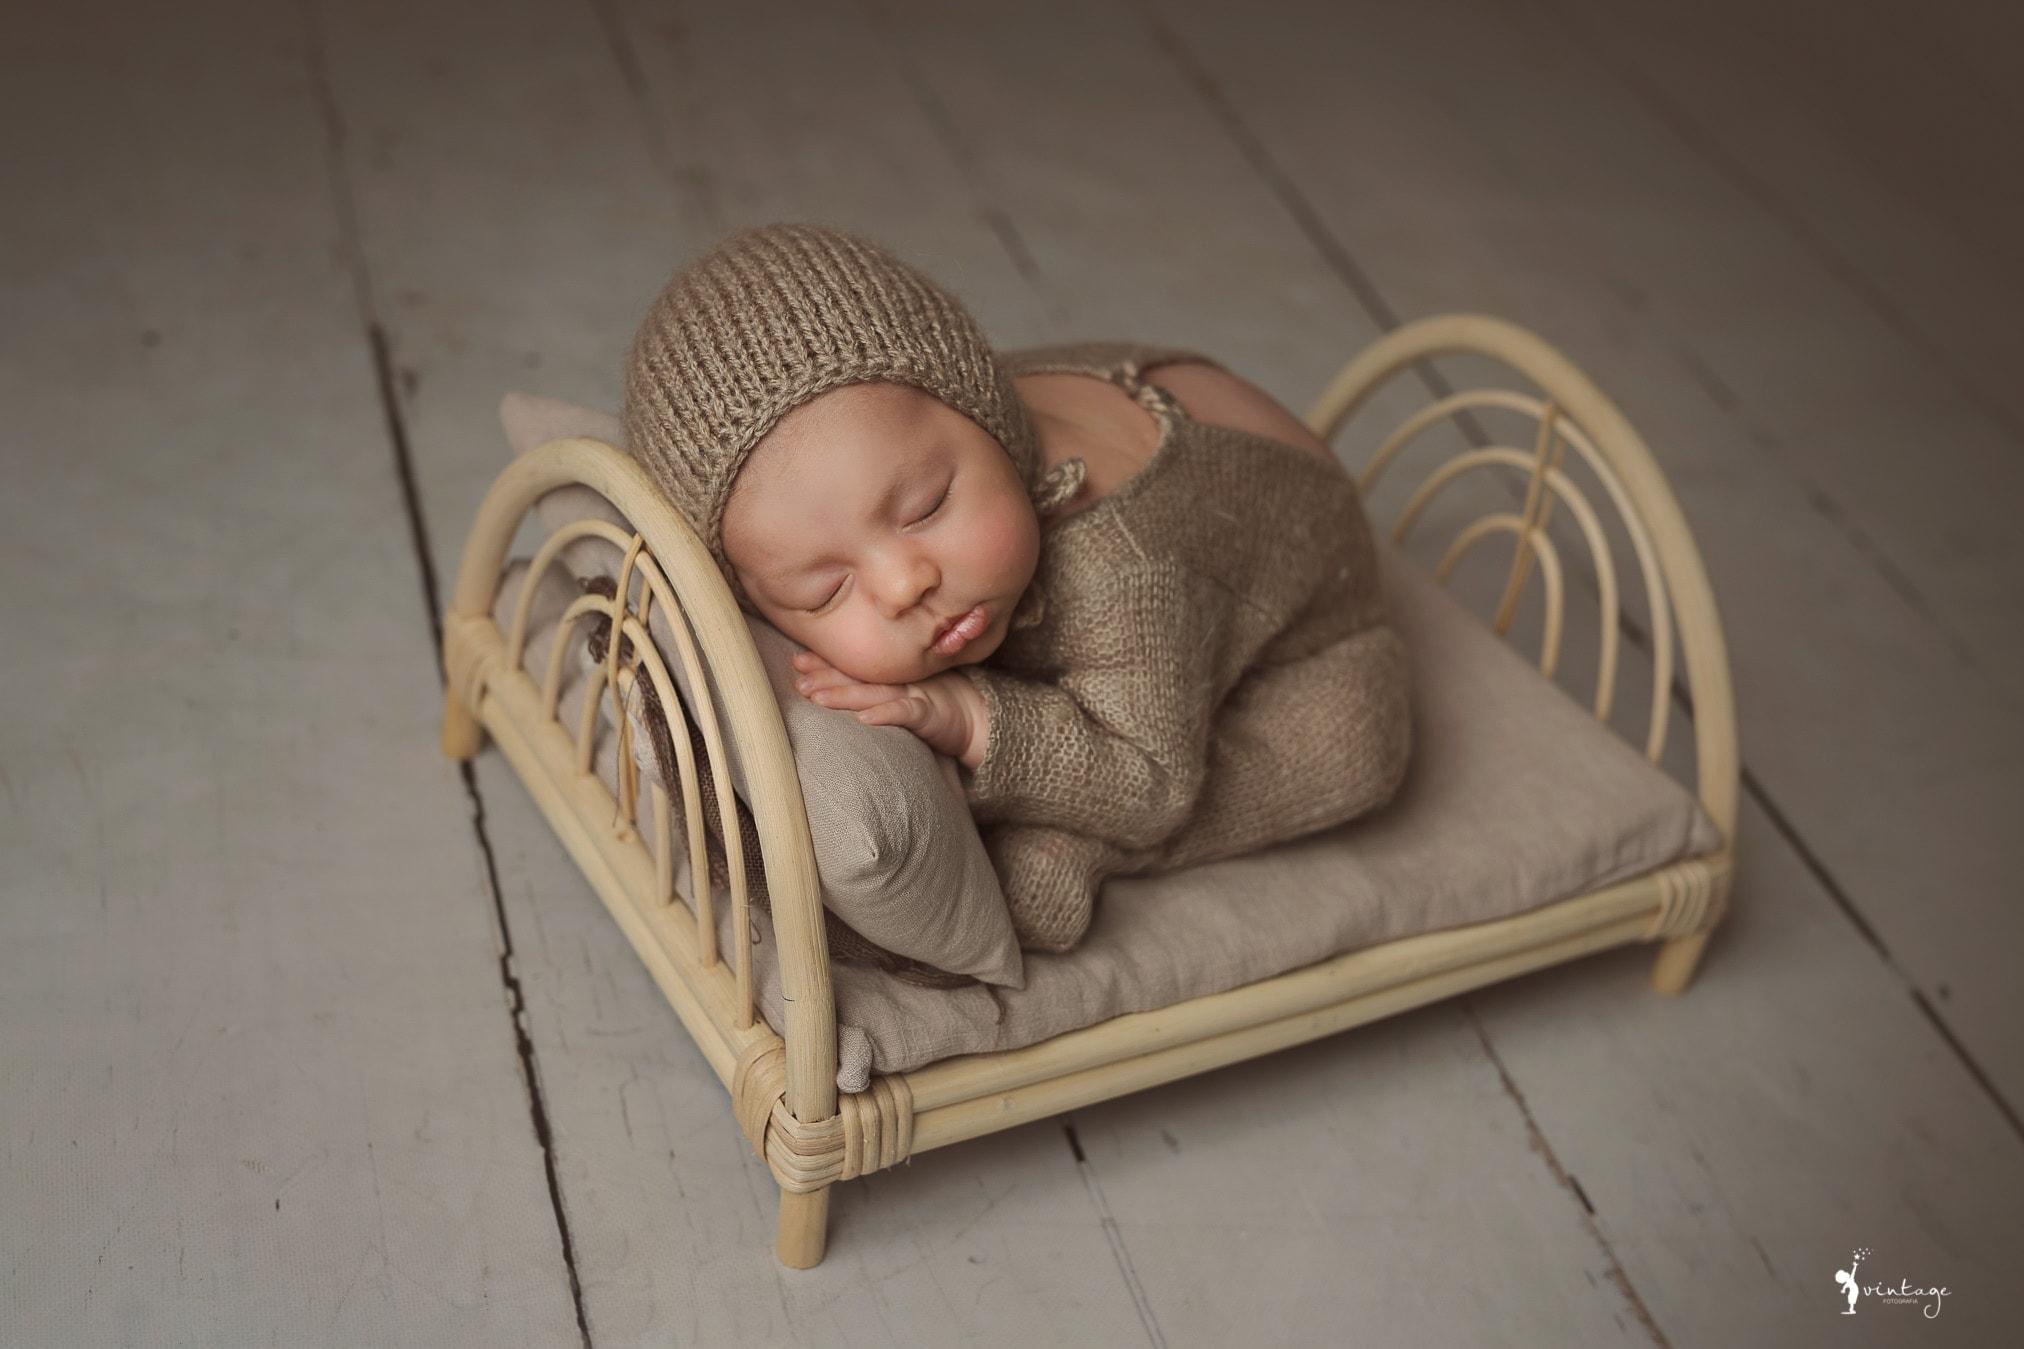 reportaje de recien nacido book bebes vintage fotografia toni lara